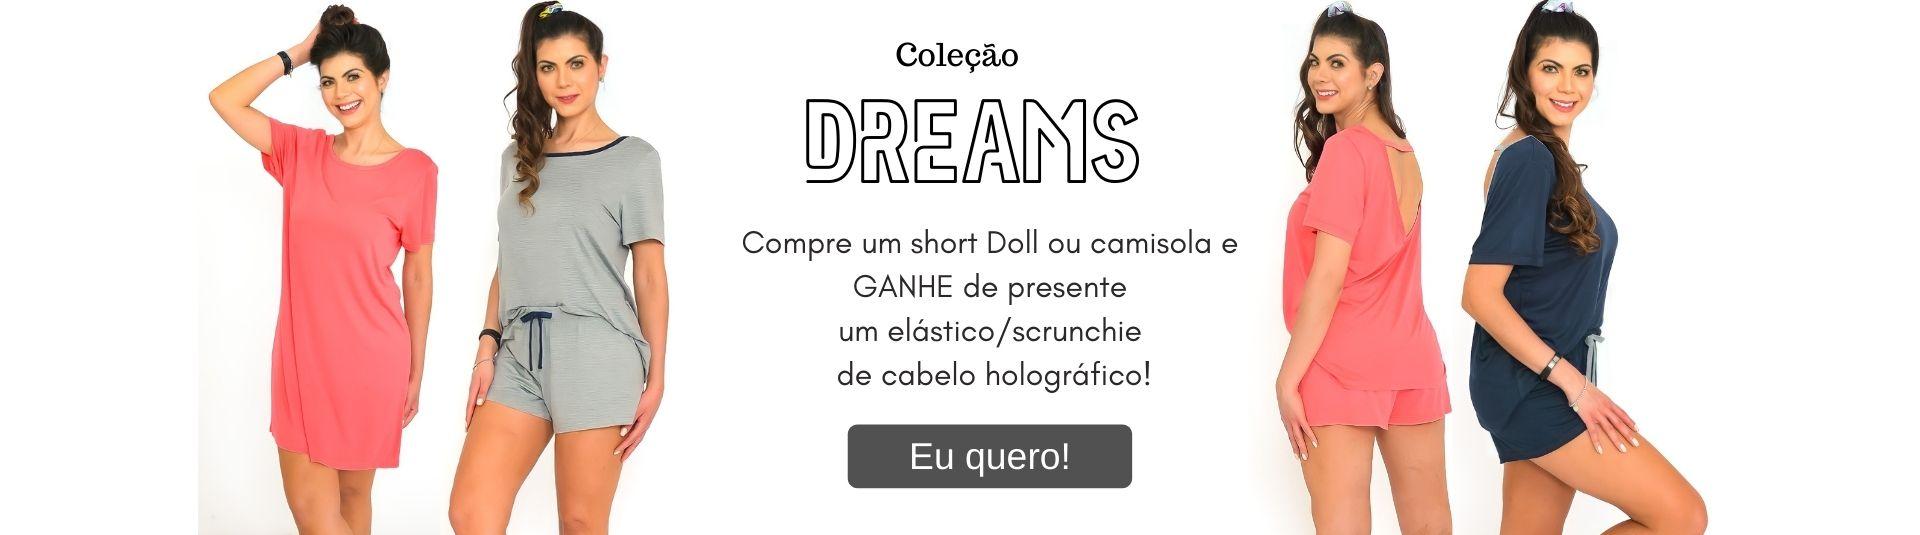 Coleção Dreams